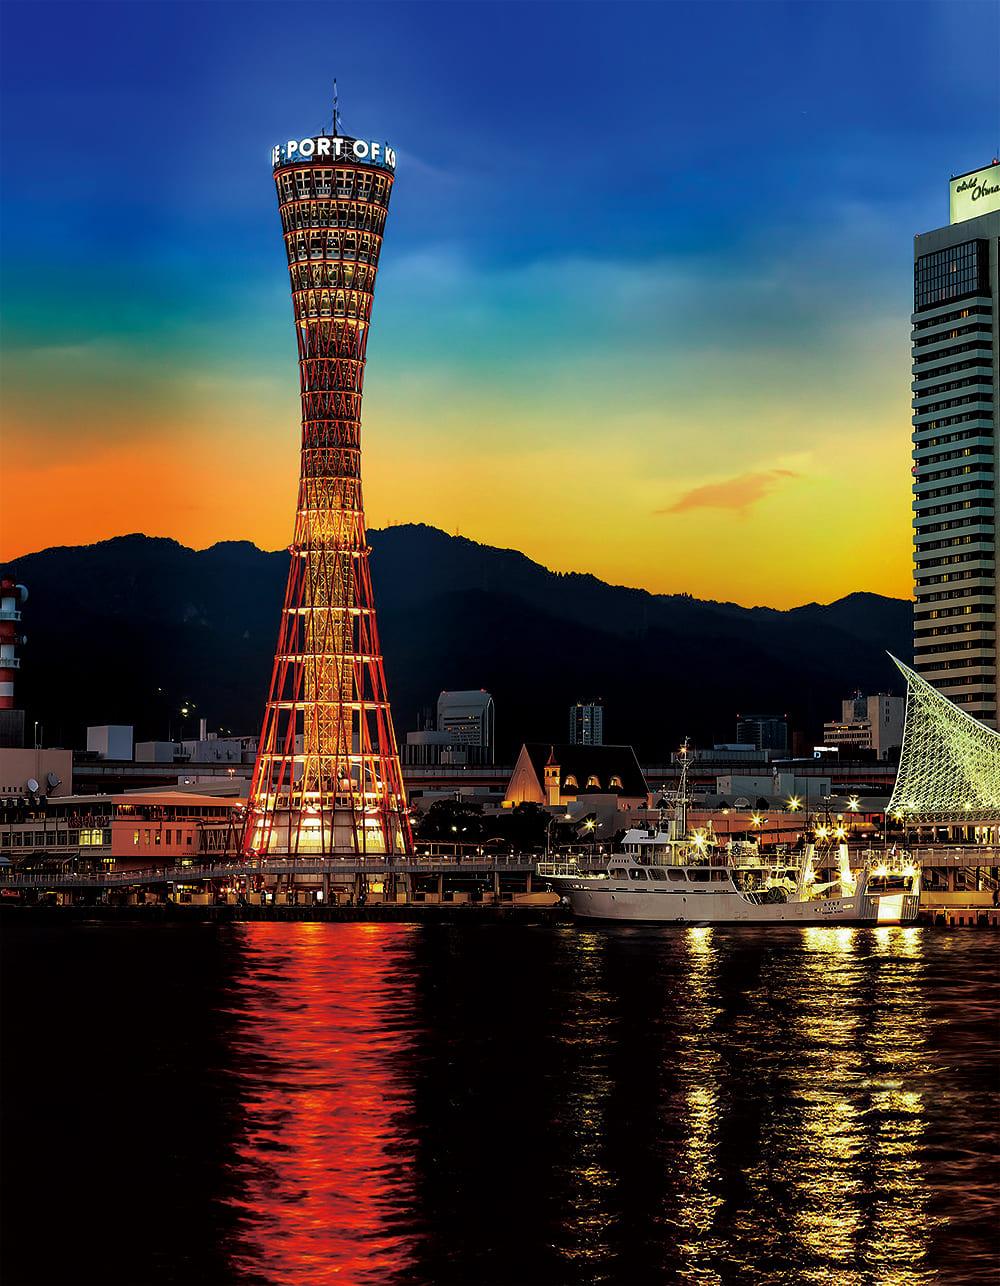 夕暮れの神戸ポートタワーと海。背後には六甲山の風景が広がっています。